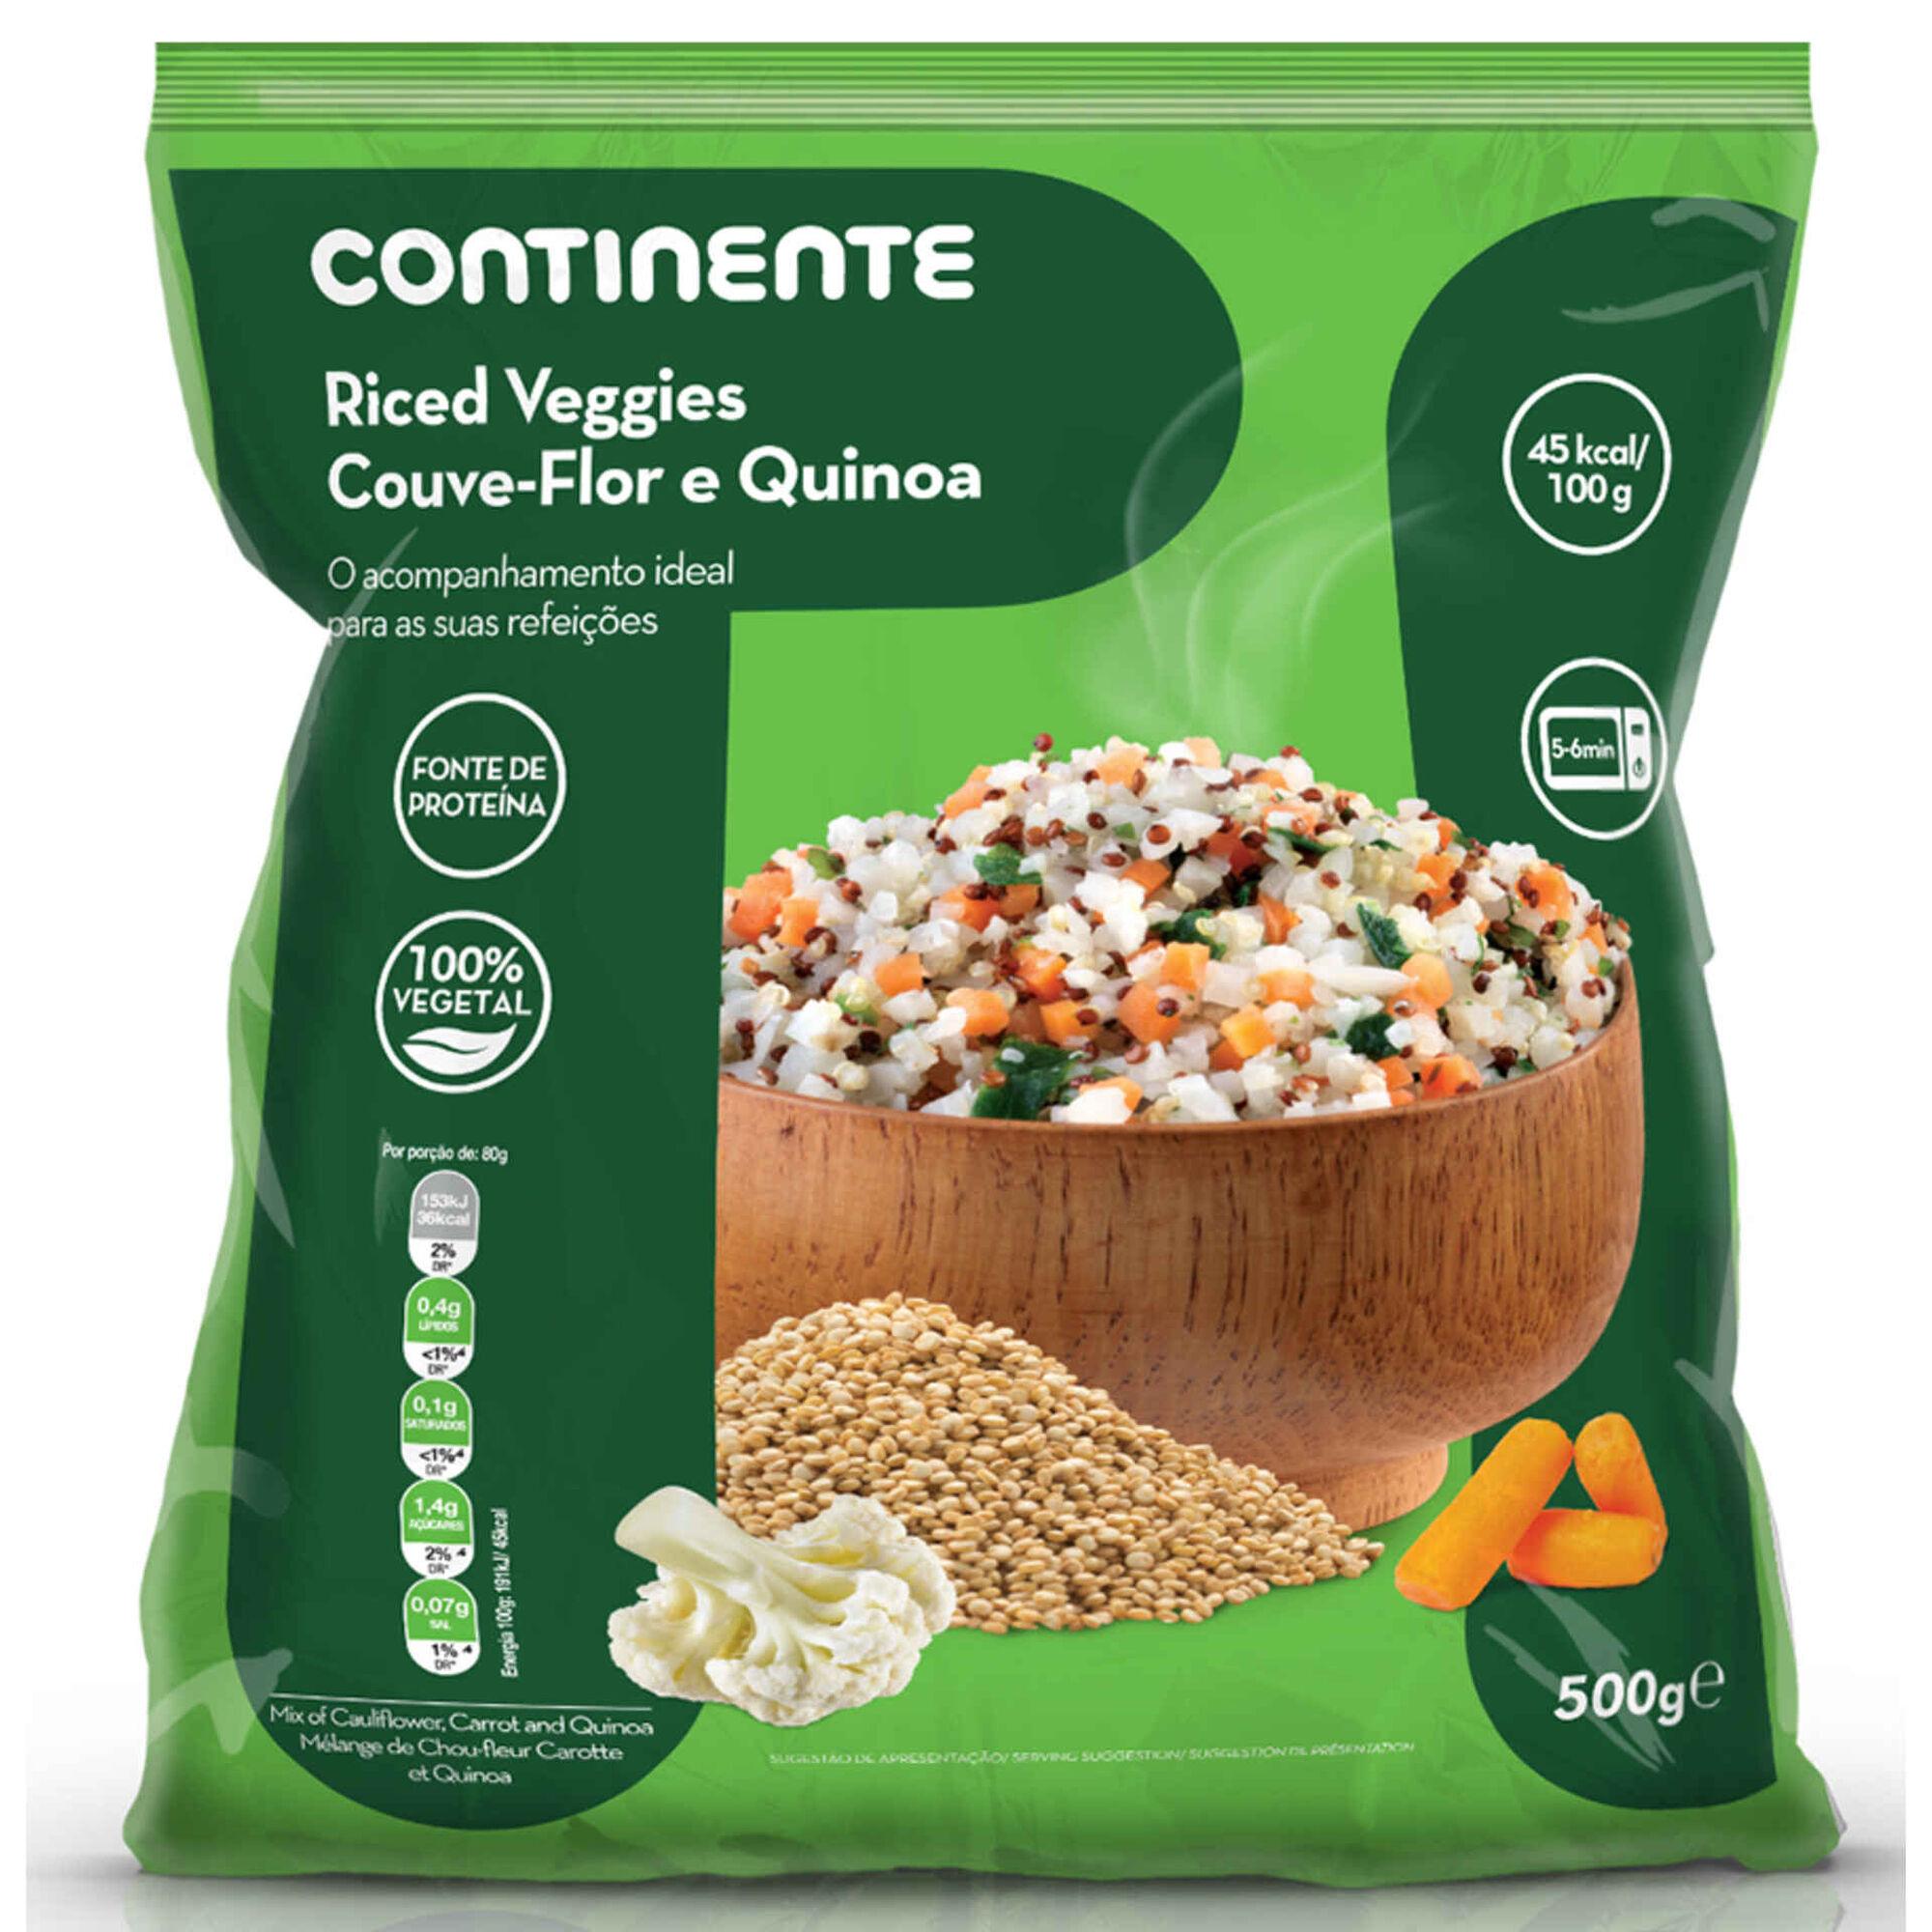 Riced Veggies de Couve-flor e Quinoa